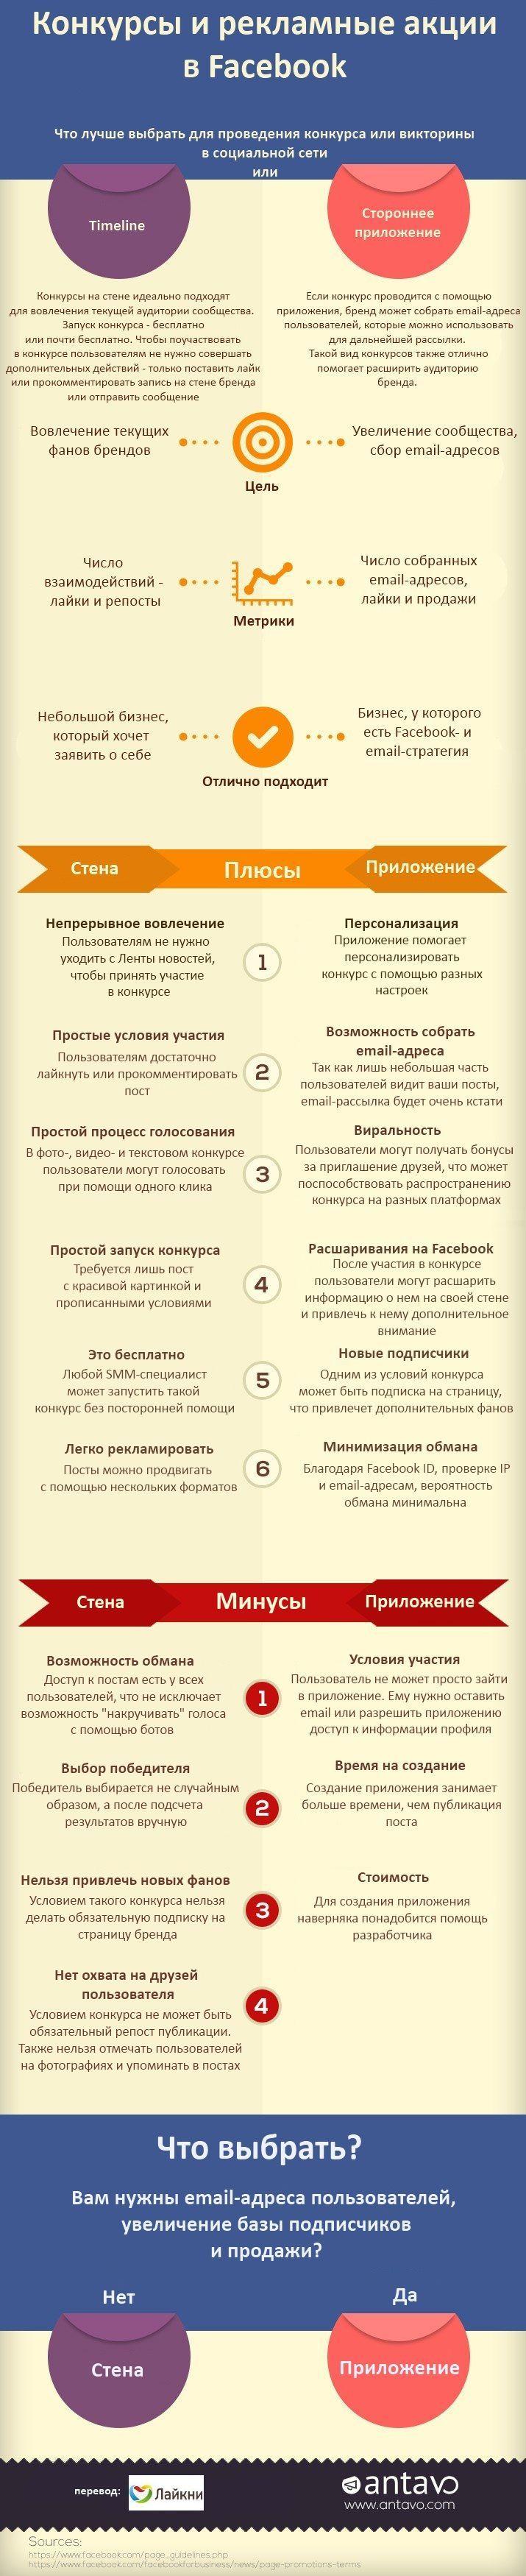 http://statictab.com/yxxo9wo КОНКУРСЫ И РЕКЛАМНЫЕ АКЦИИ В FACEBOOK